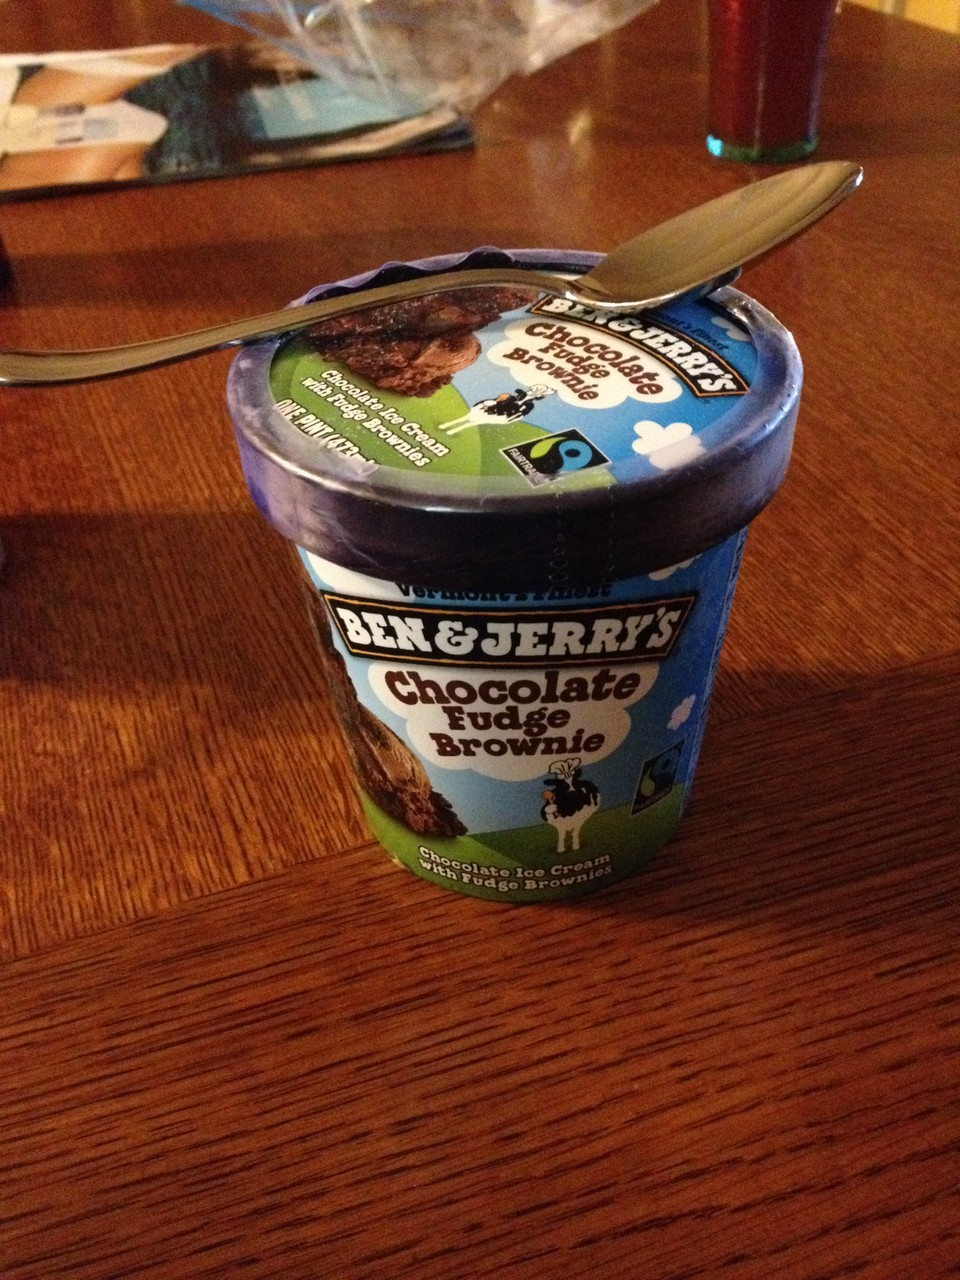 Ben & Jerry's Icecream